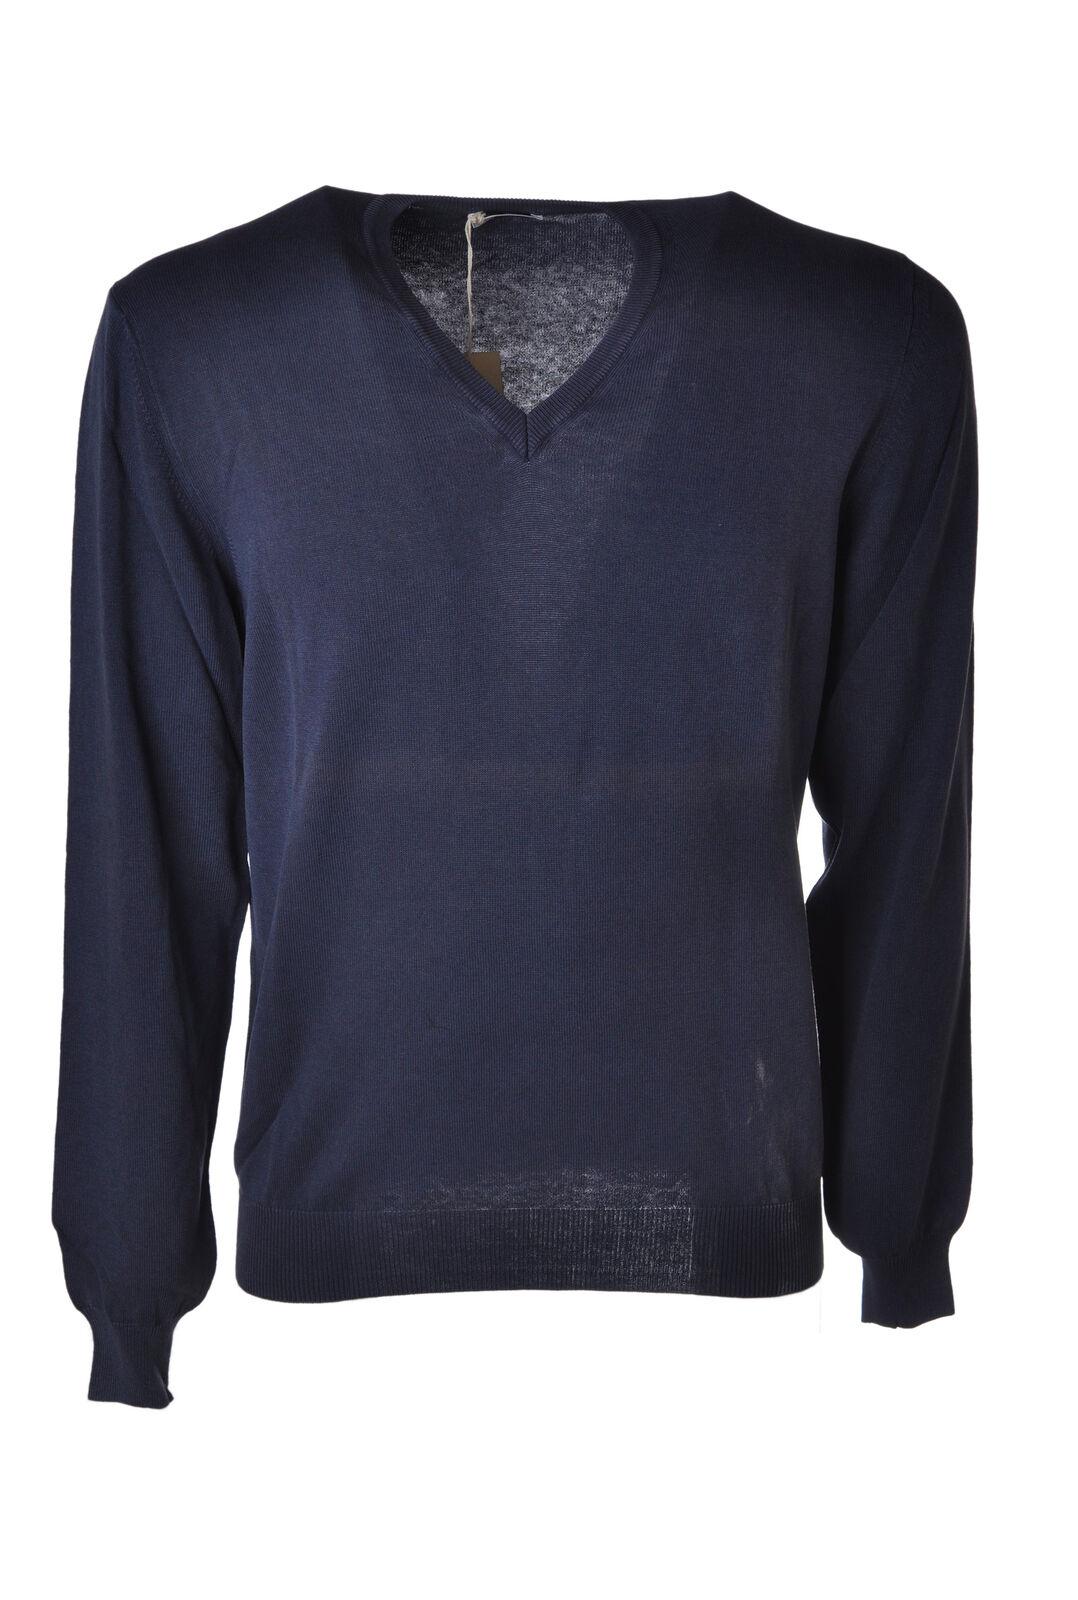 Viadeste  -  Sweaters - Male - bluee - 4678221A185400